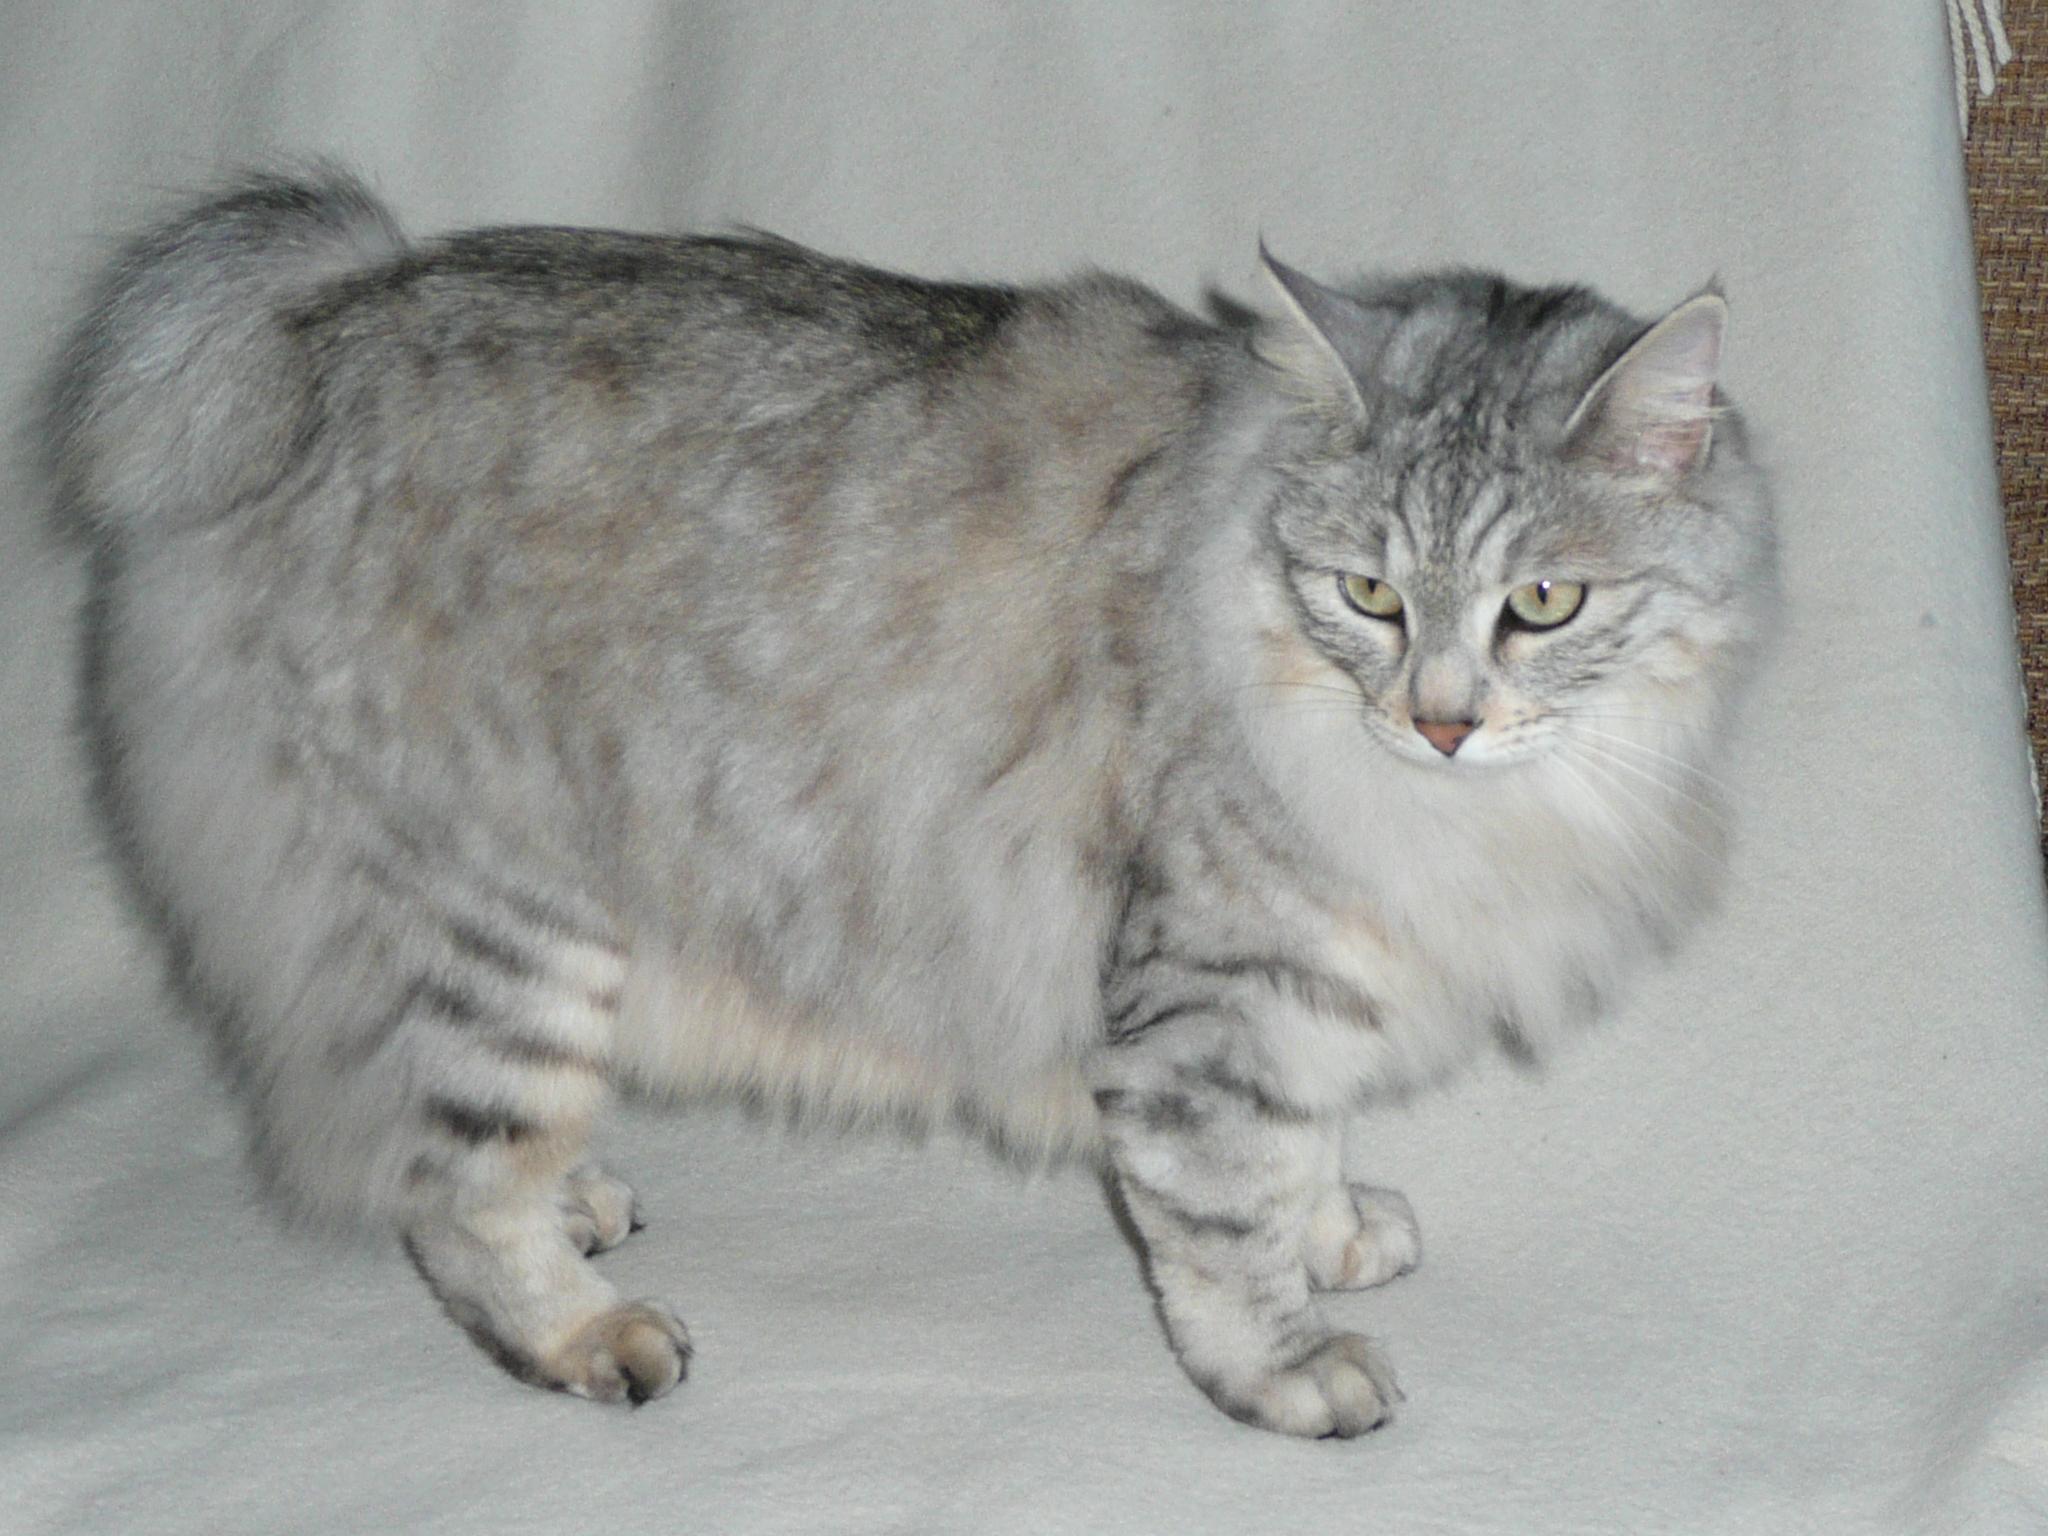 Korn Ja Kitten: Korn Kurilian Bobtail Breed